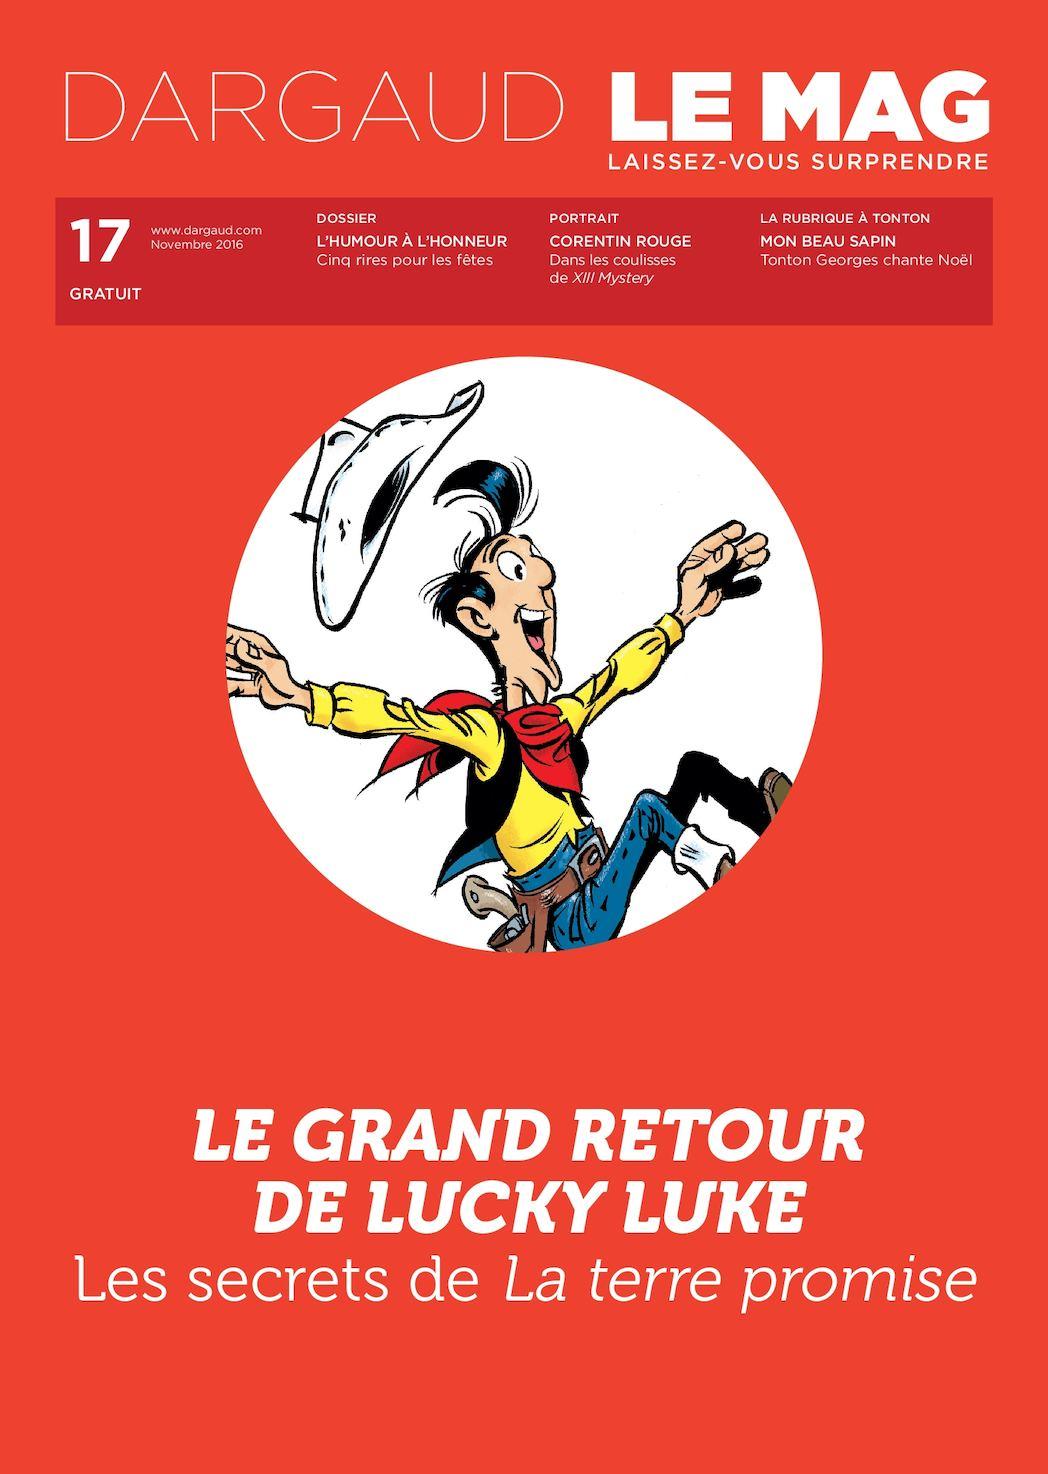 Dargaud Le Mag #17